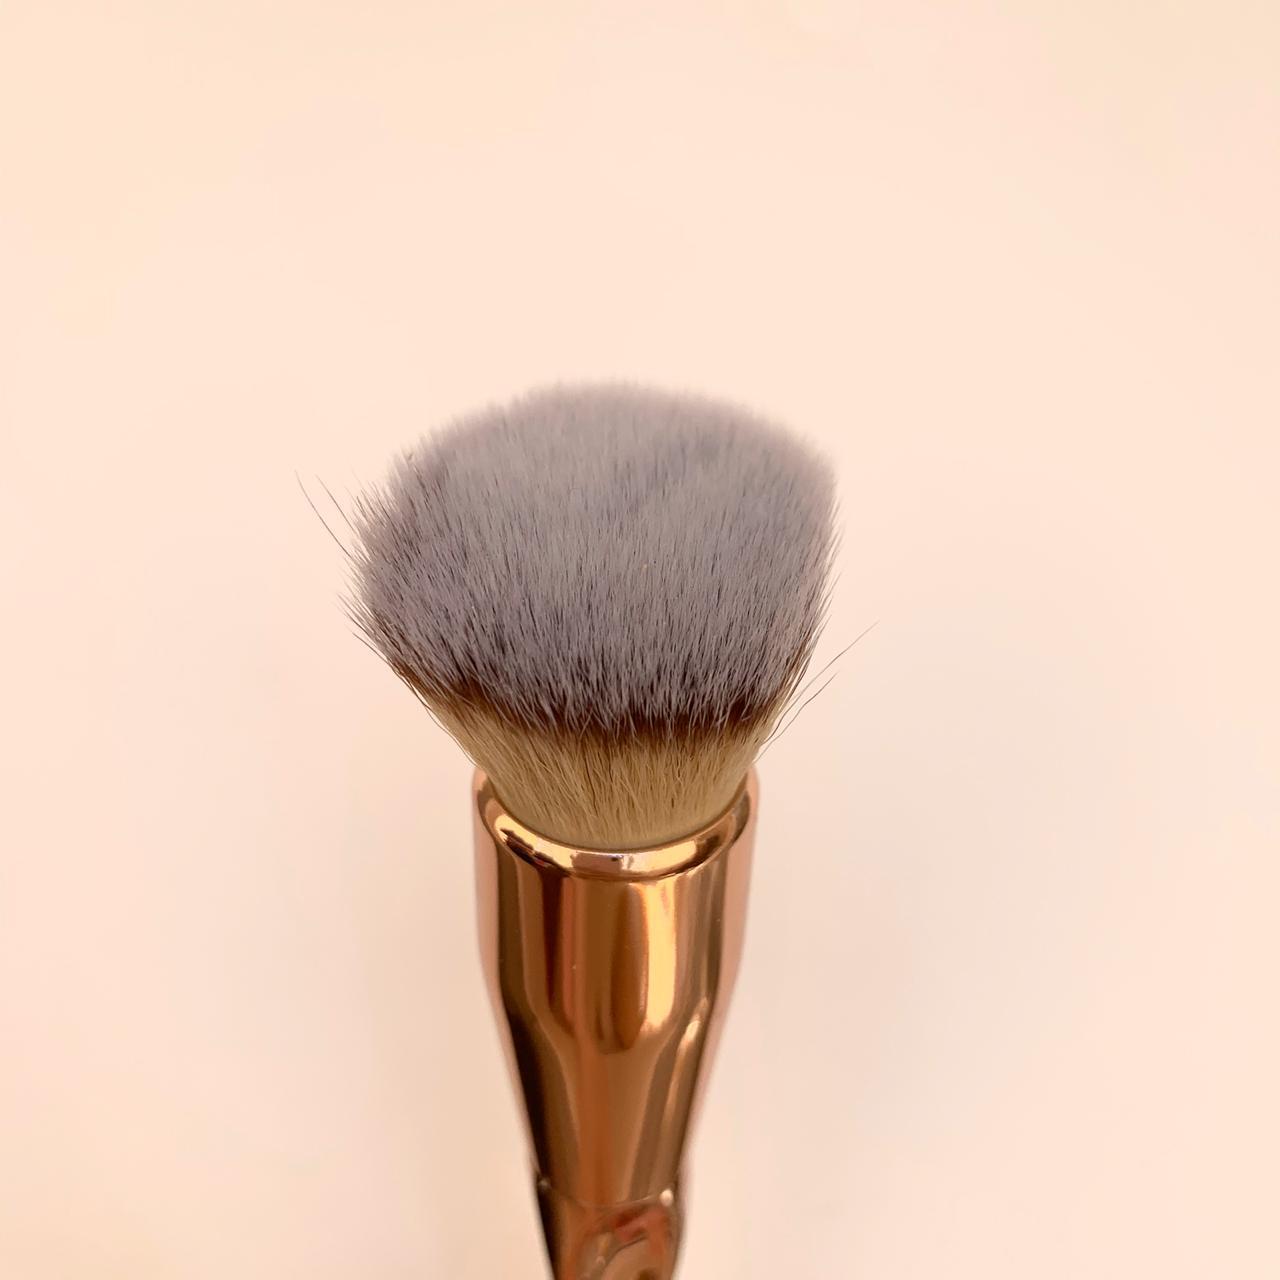 Кисть-кабуки для кремовых текстур Nascita 194